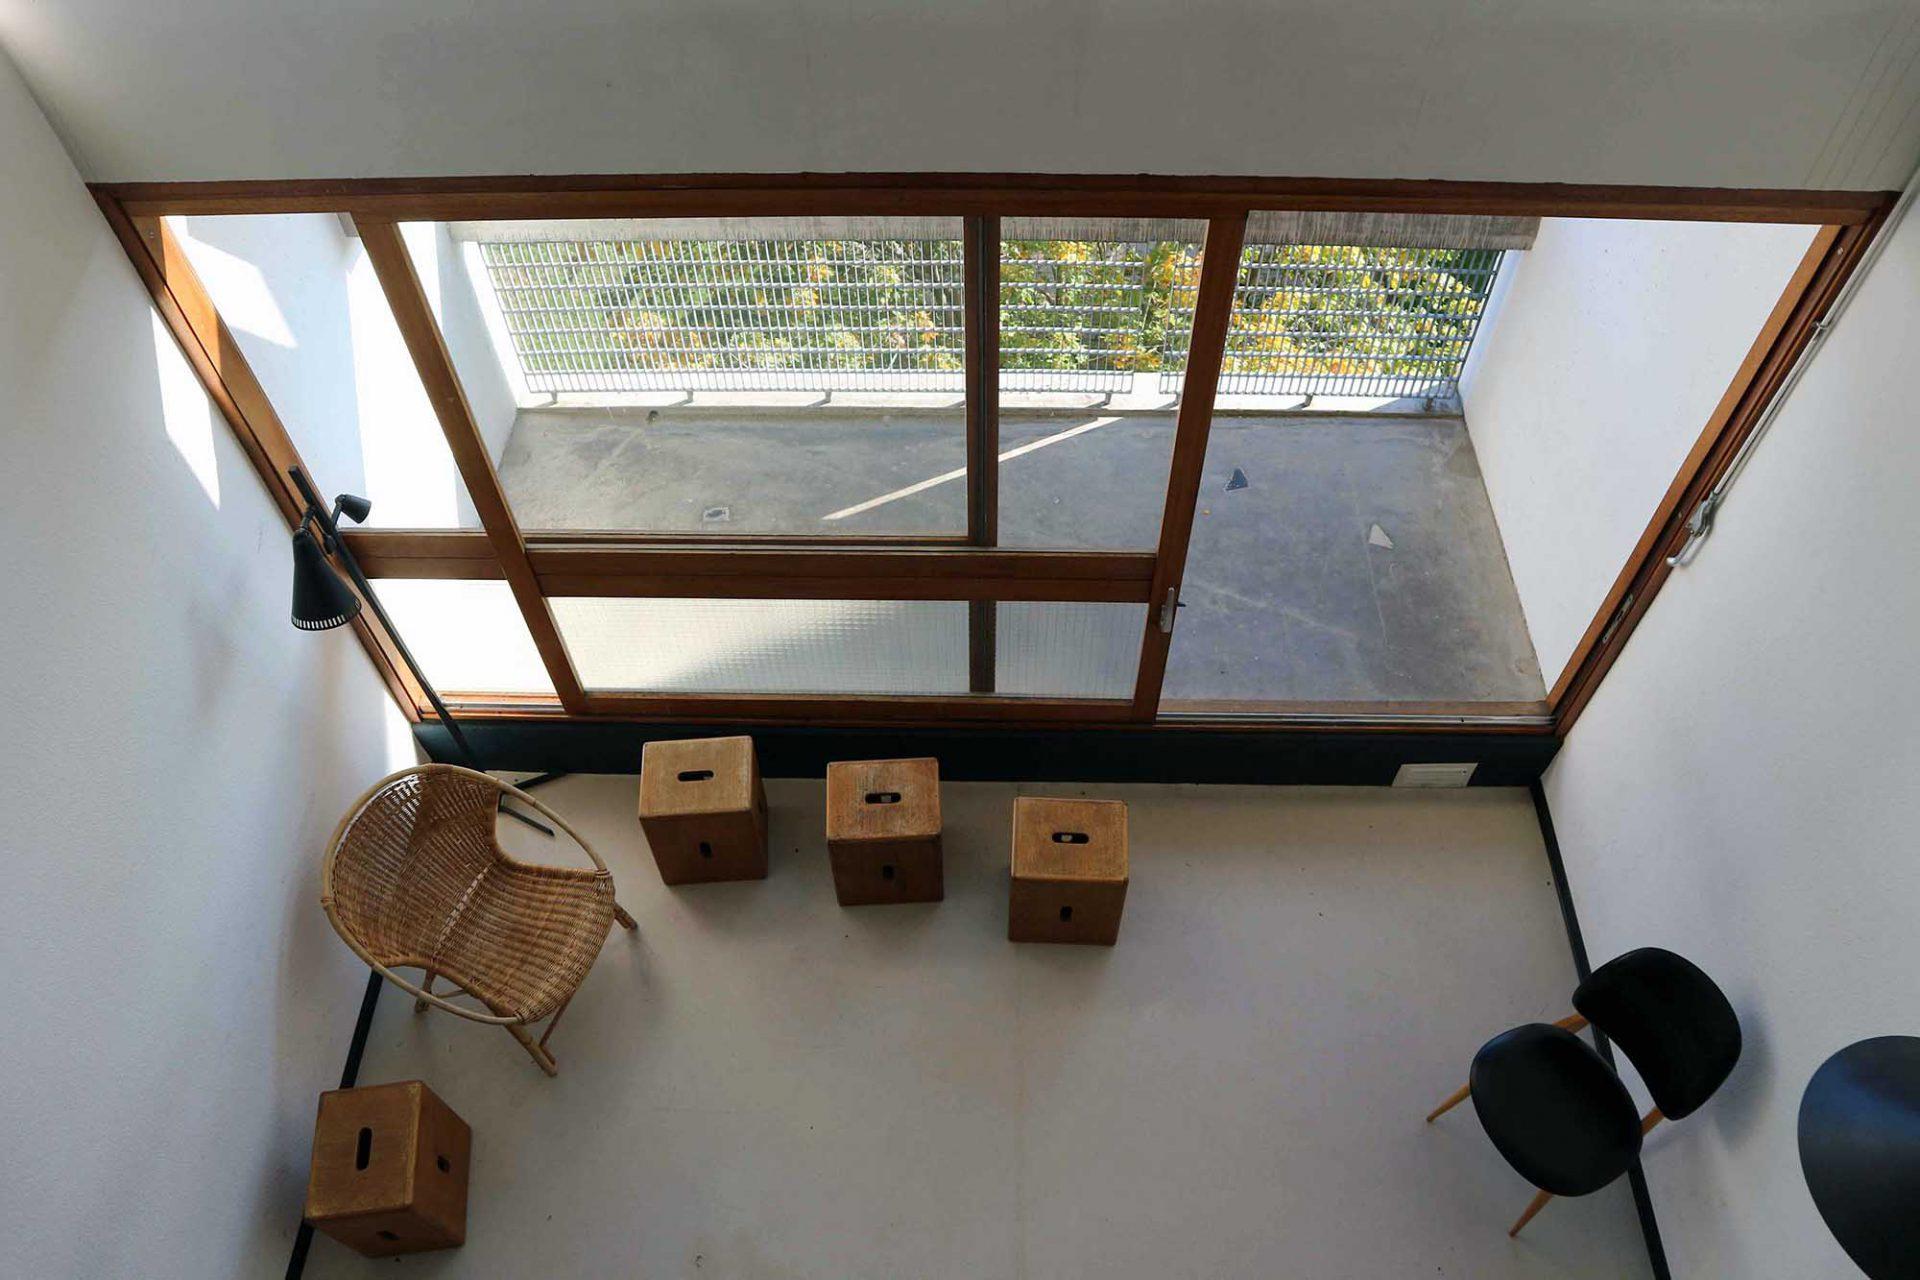 Unité d'Habitation. Hauptelement jeder Wohnung ist der doppelgeschossige Wohn- und Aufenthaltsbereich. Er schließt direkt an die vollverglaste Loggia an.